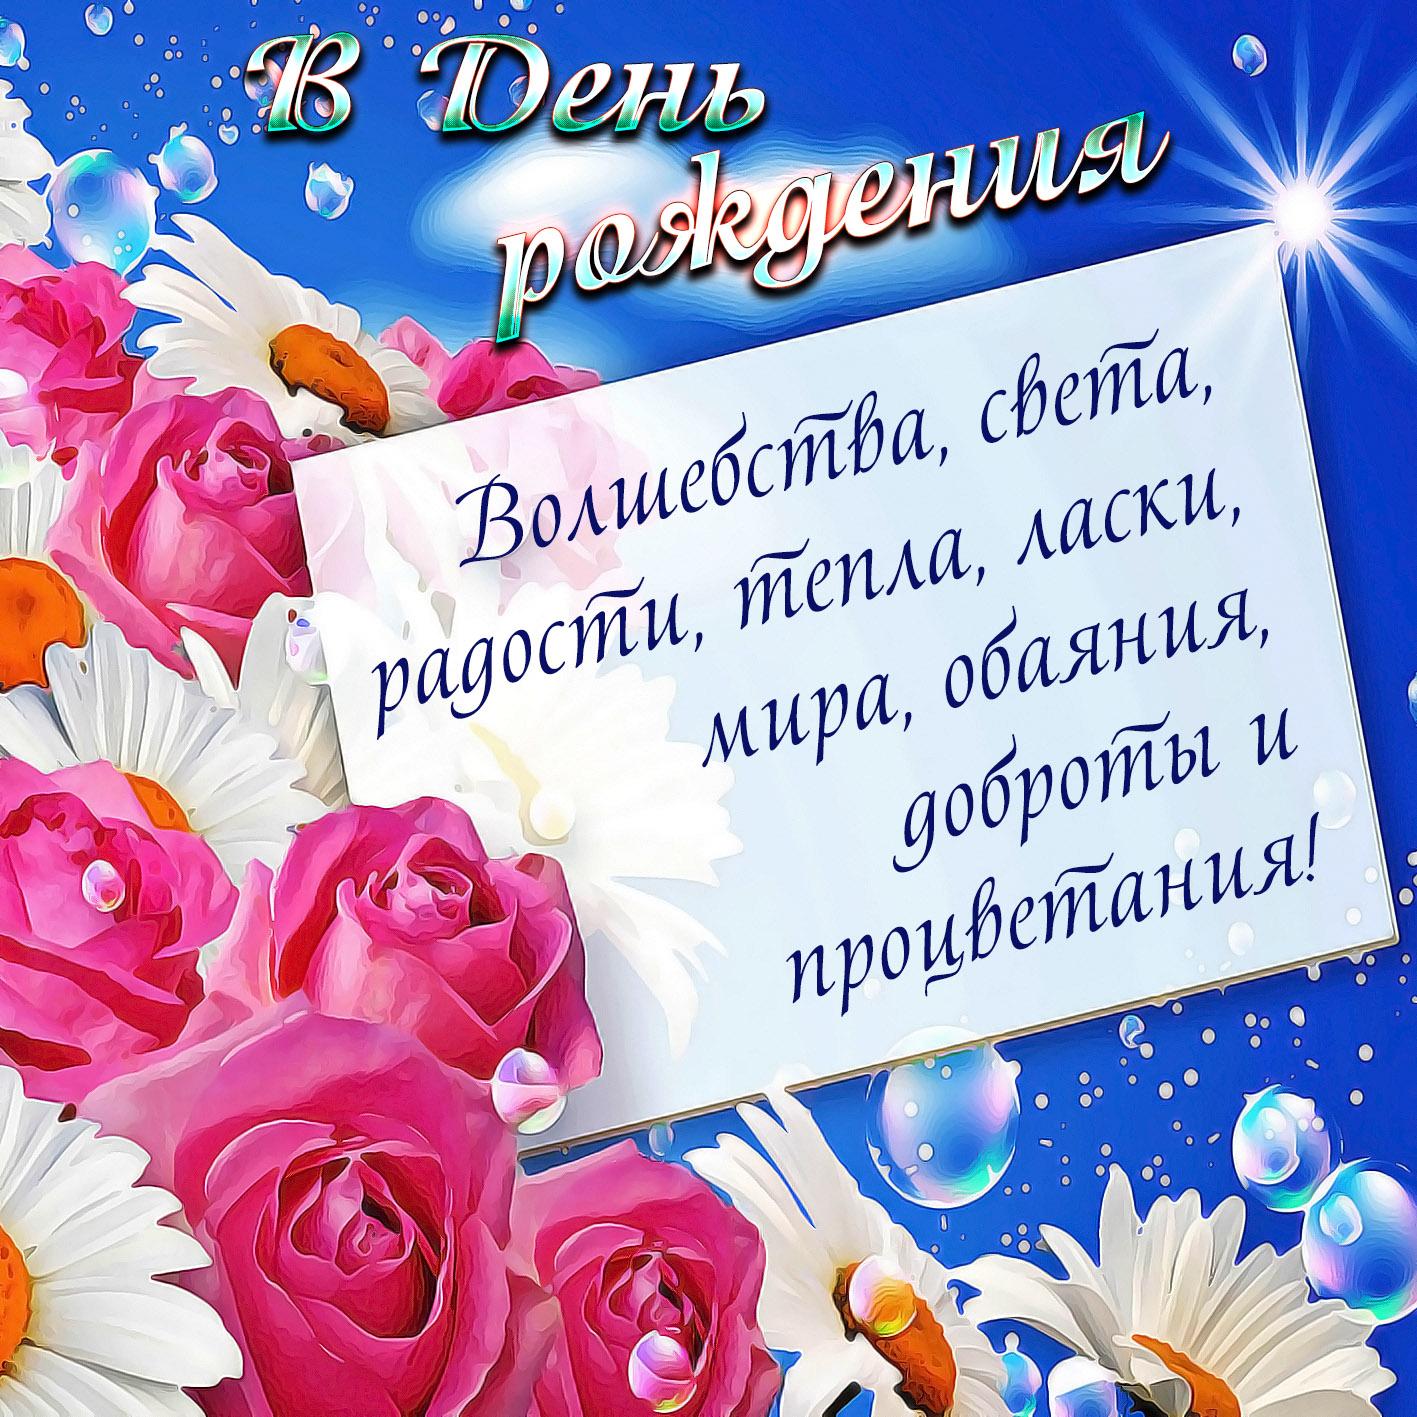 Яркая открытка с пожеланием для женщины на День рождения